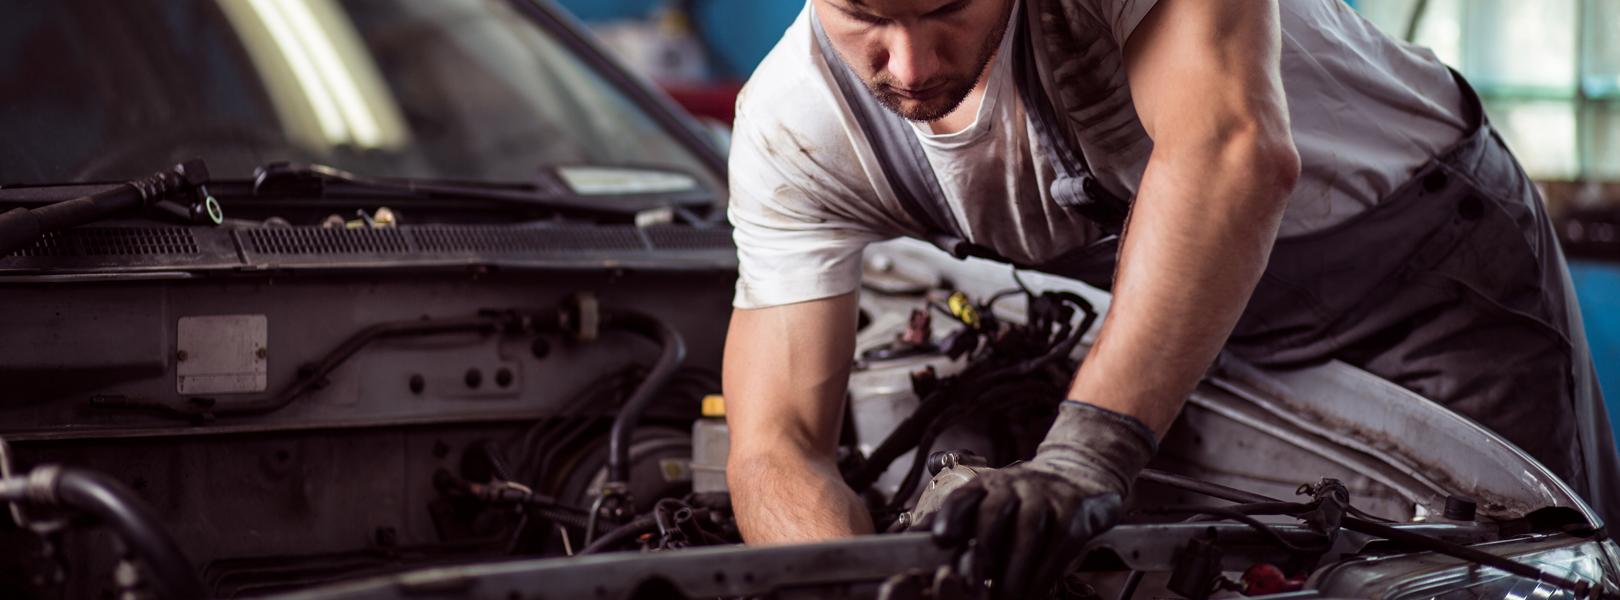 Service Αυτοκινήτου & Πλήρης Τεχνικός Έλεγχος 35 σημείων